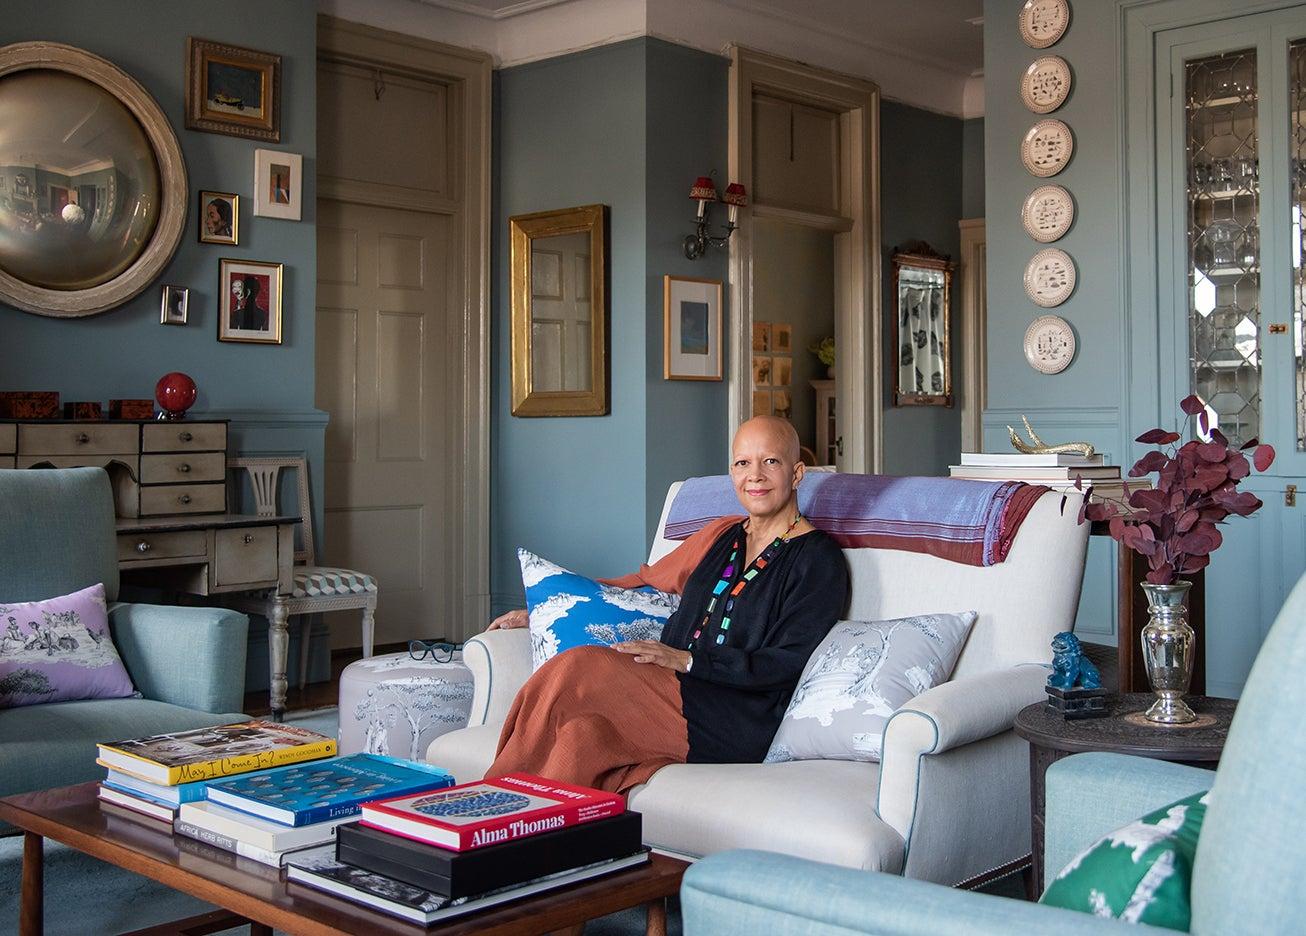 Sheila Bridges sitting on sofa